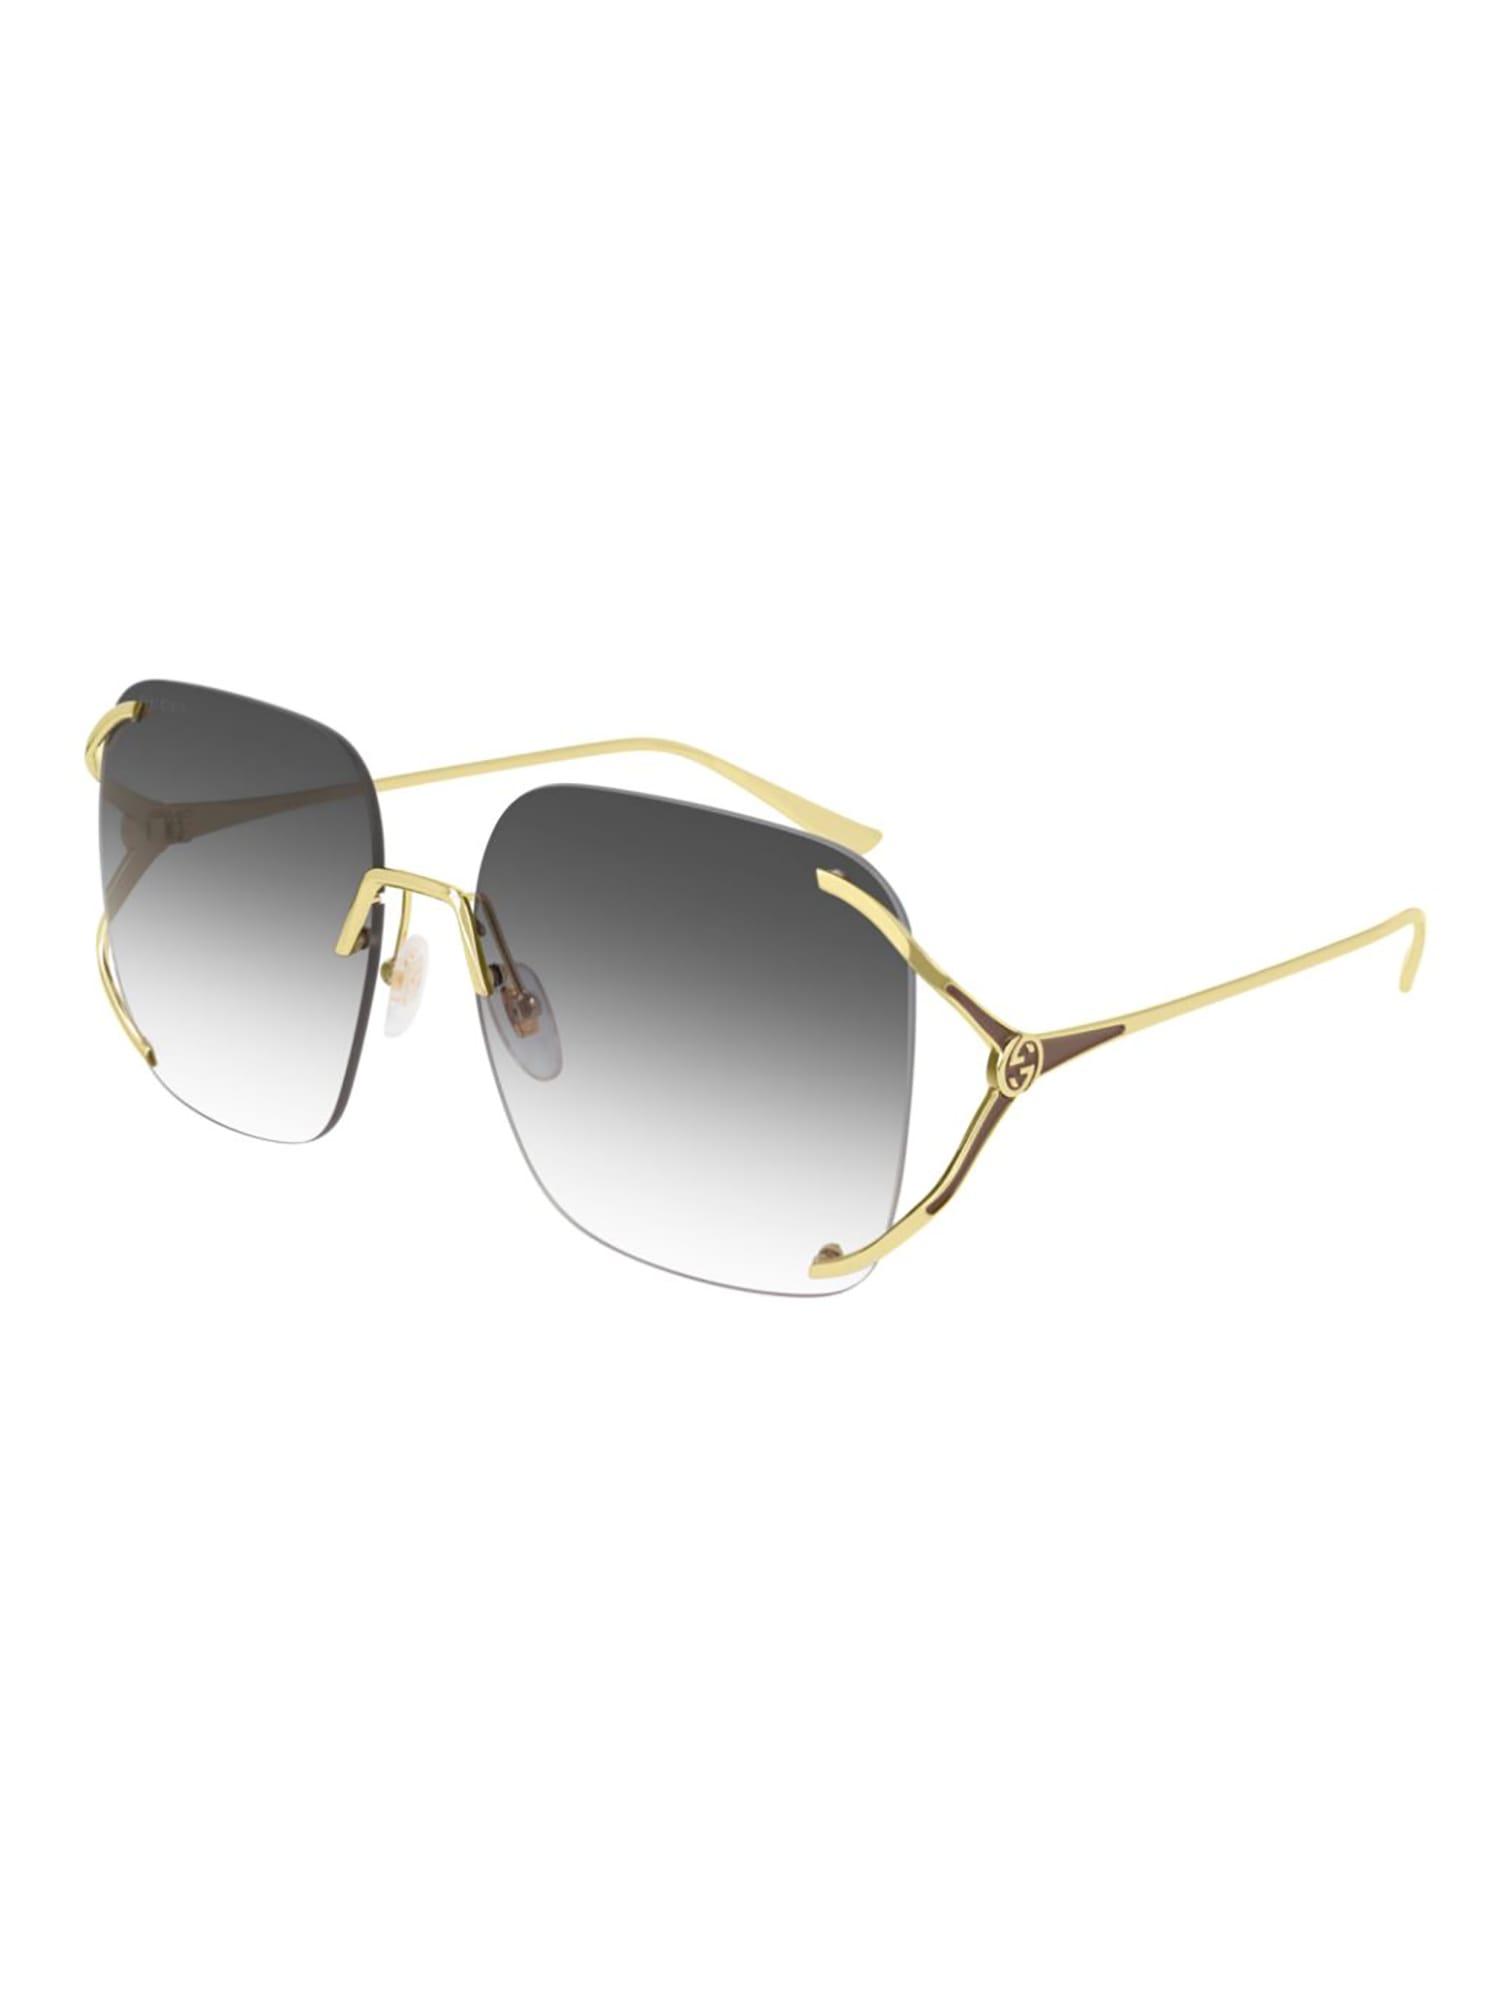 Gucci GG0646S Sunglasses